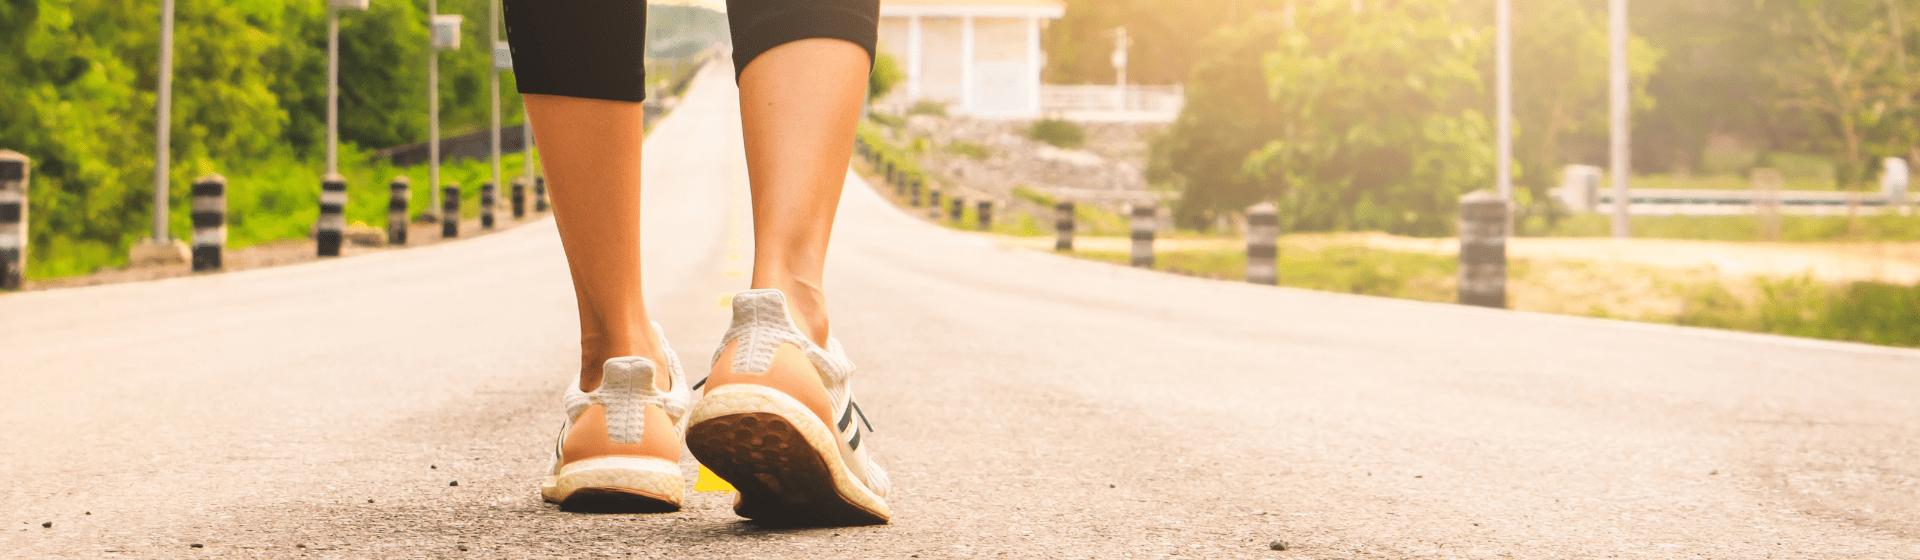 Tênis para caminhada: qual é o melhor para caminhar?